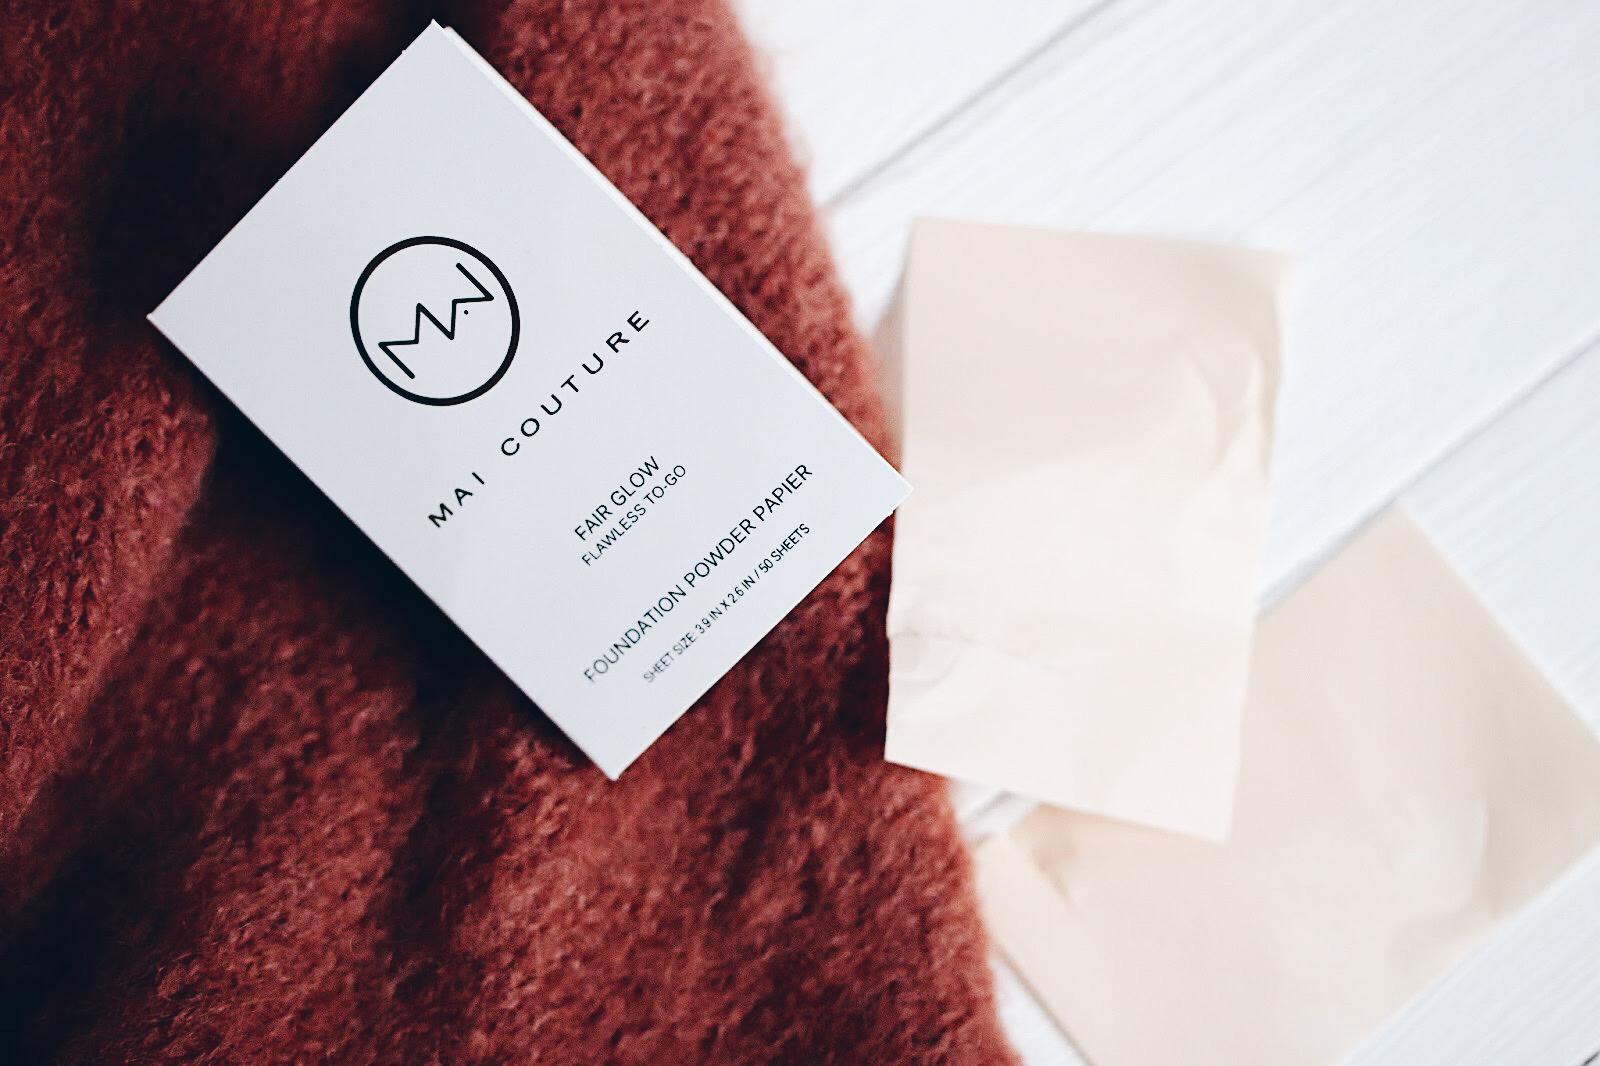 mai couture fond de teint papier fait glow avis test